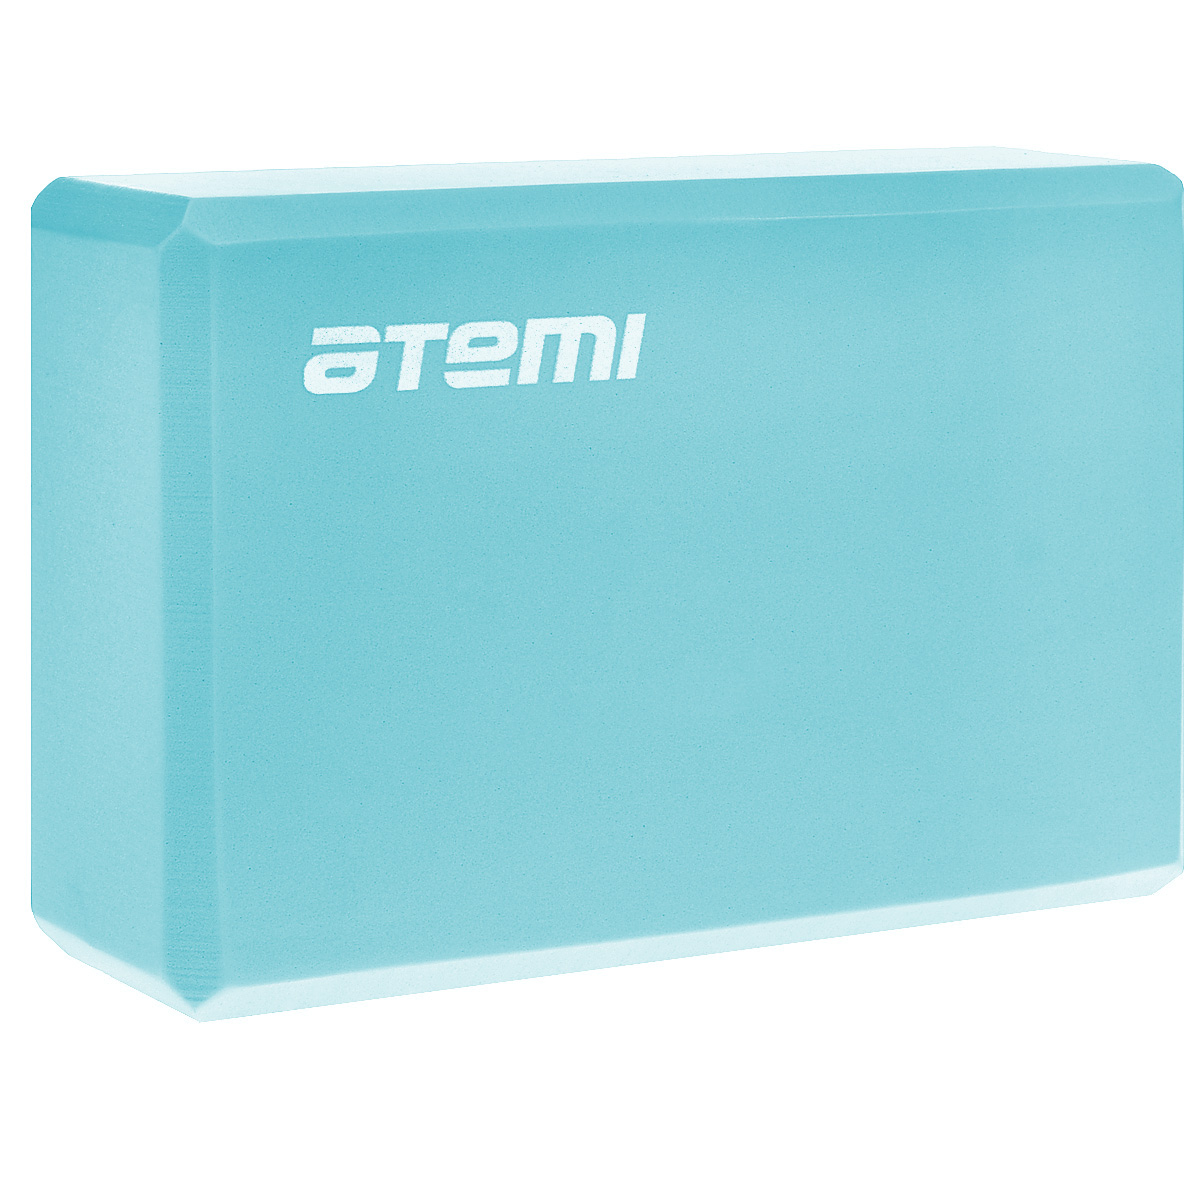 Блок для йоги Atemi, цвет: голубой, 23 х 15 х 8 см